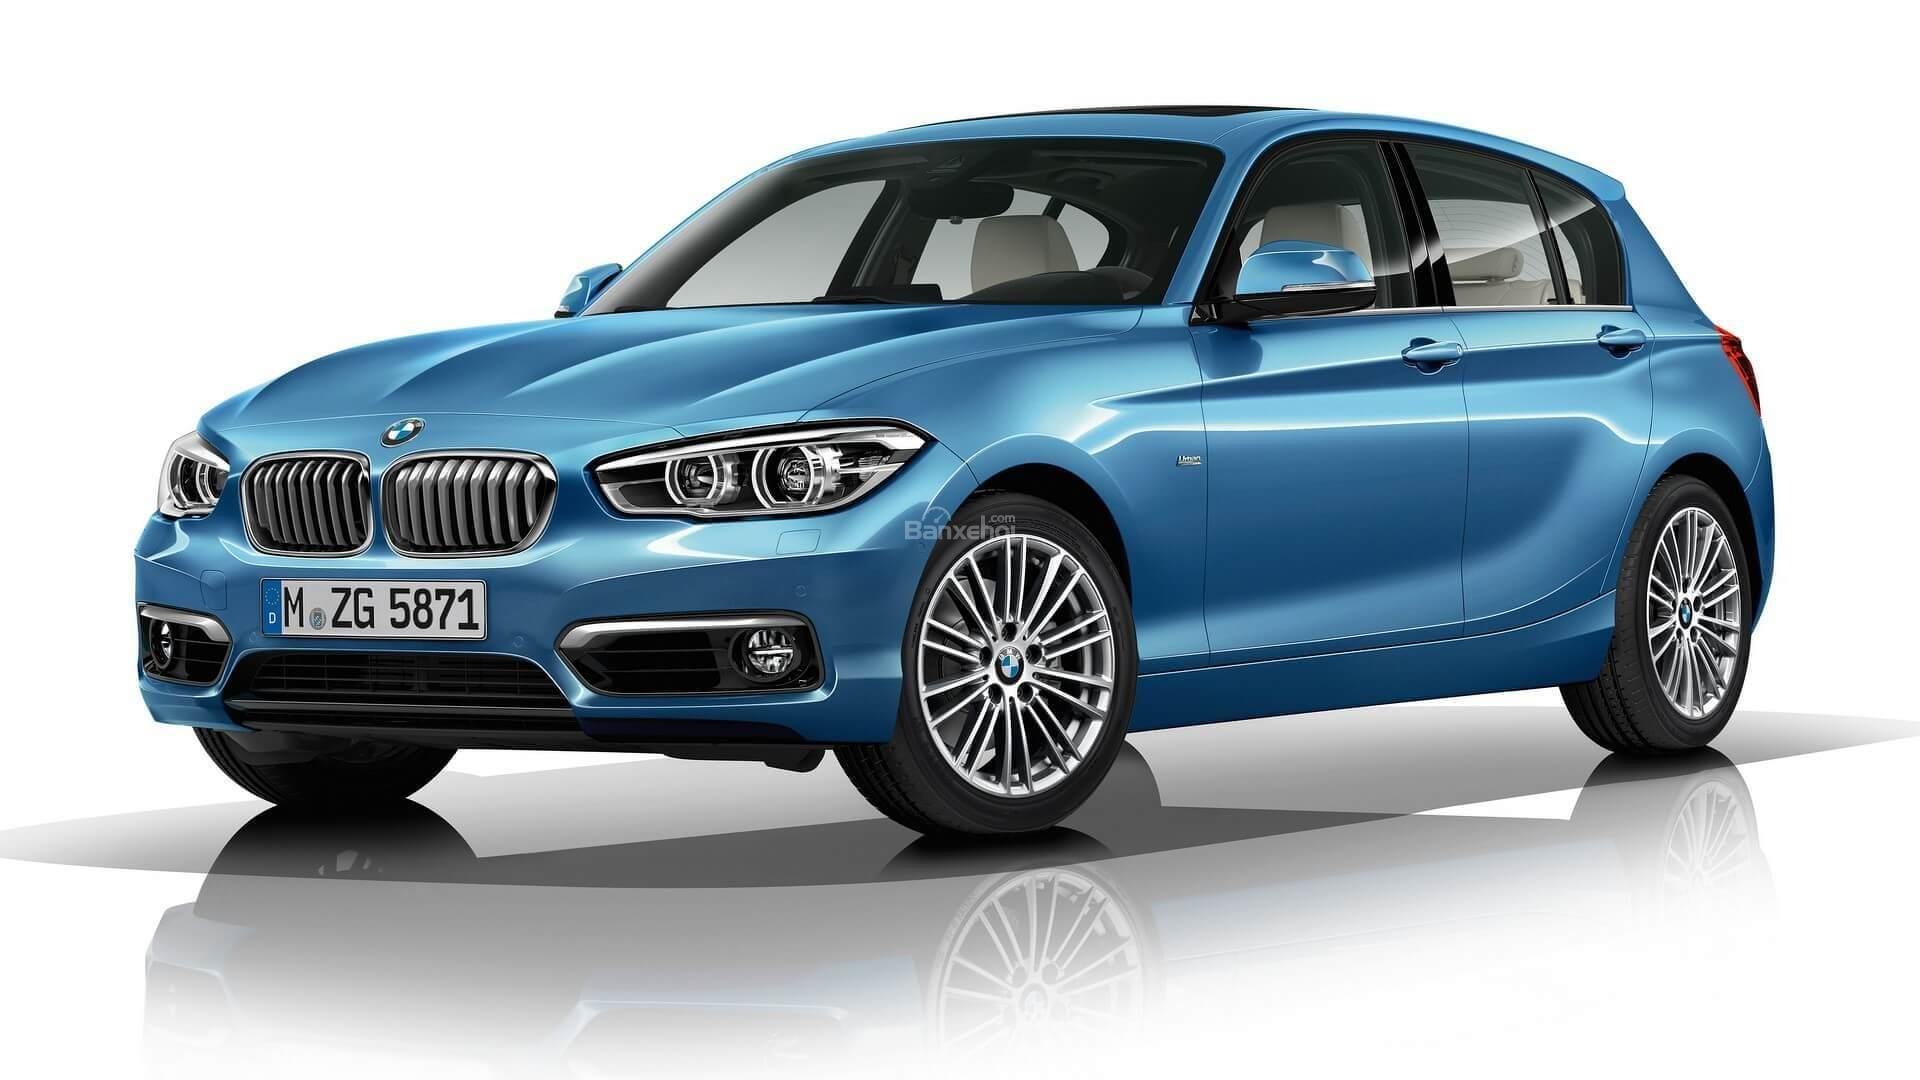 BMW X3 2018 chào Hè với động cơ mới công suất 326 mã lực 2a